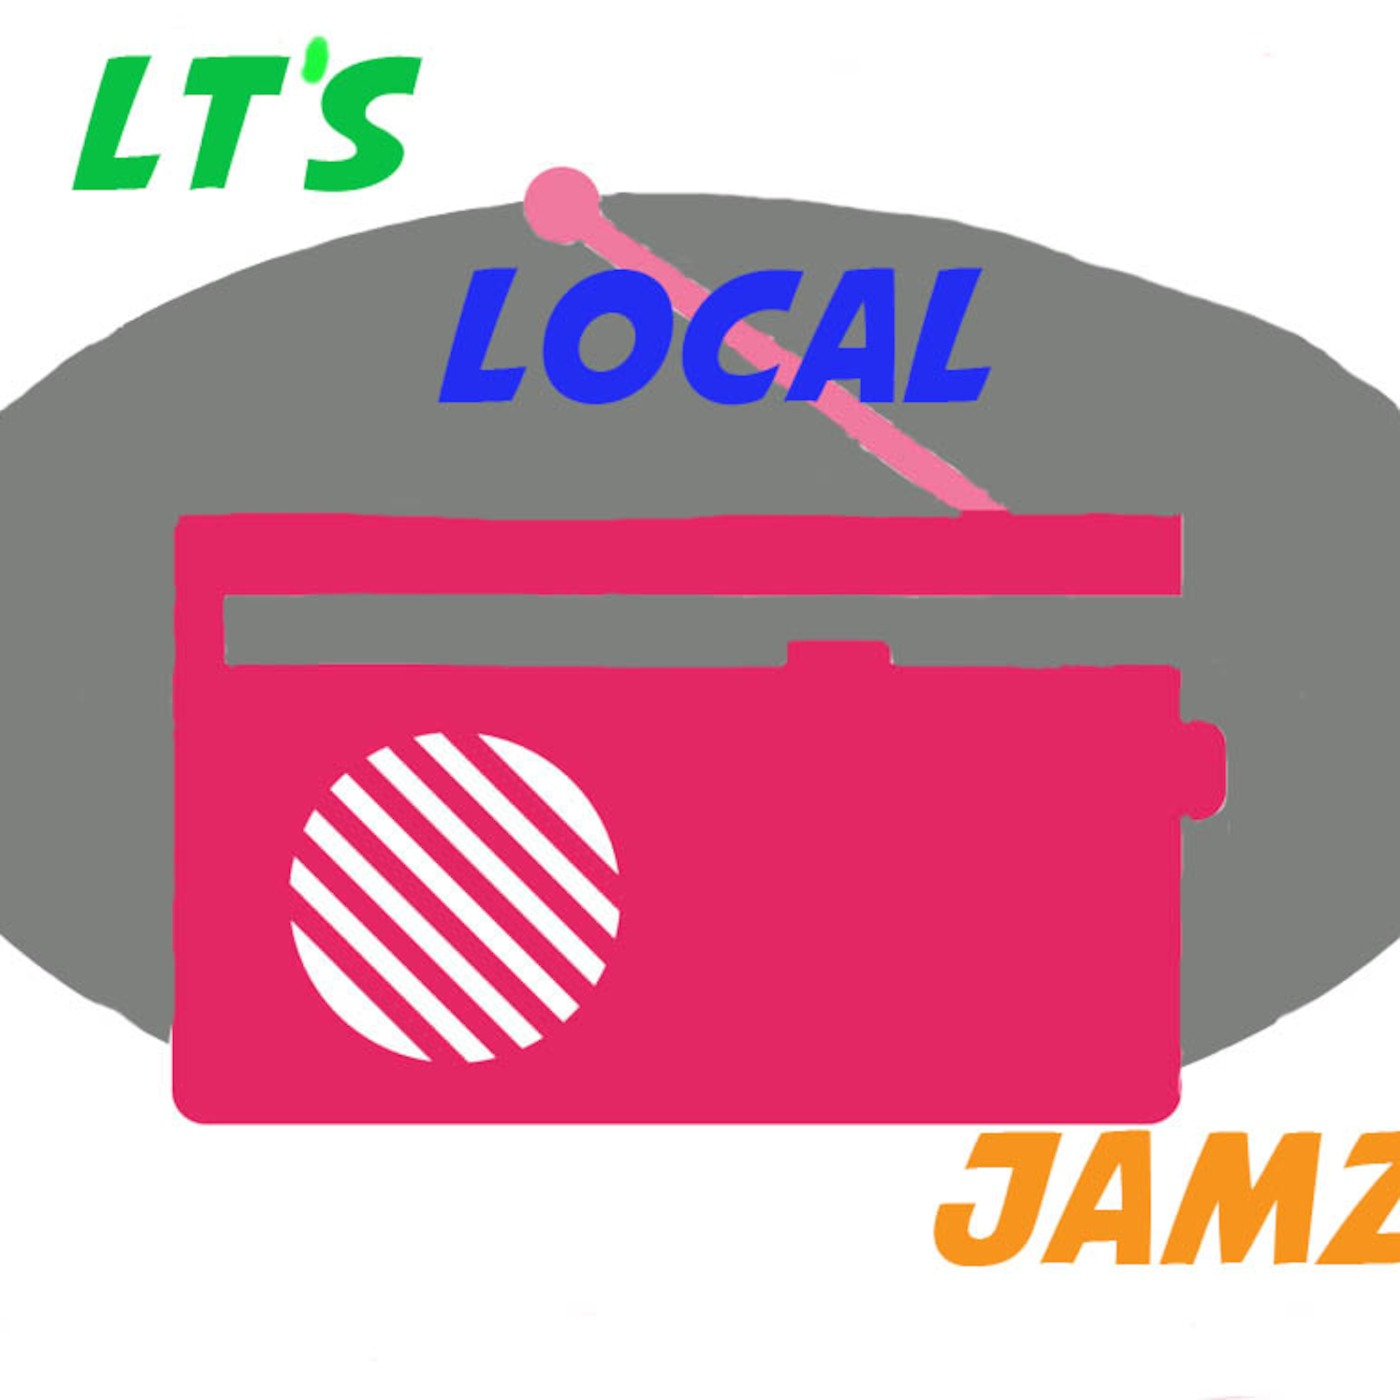 L.T.'s Local Jamz